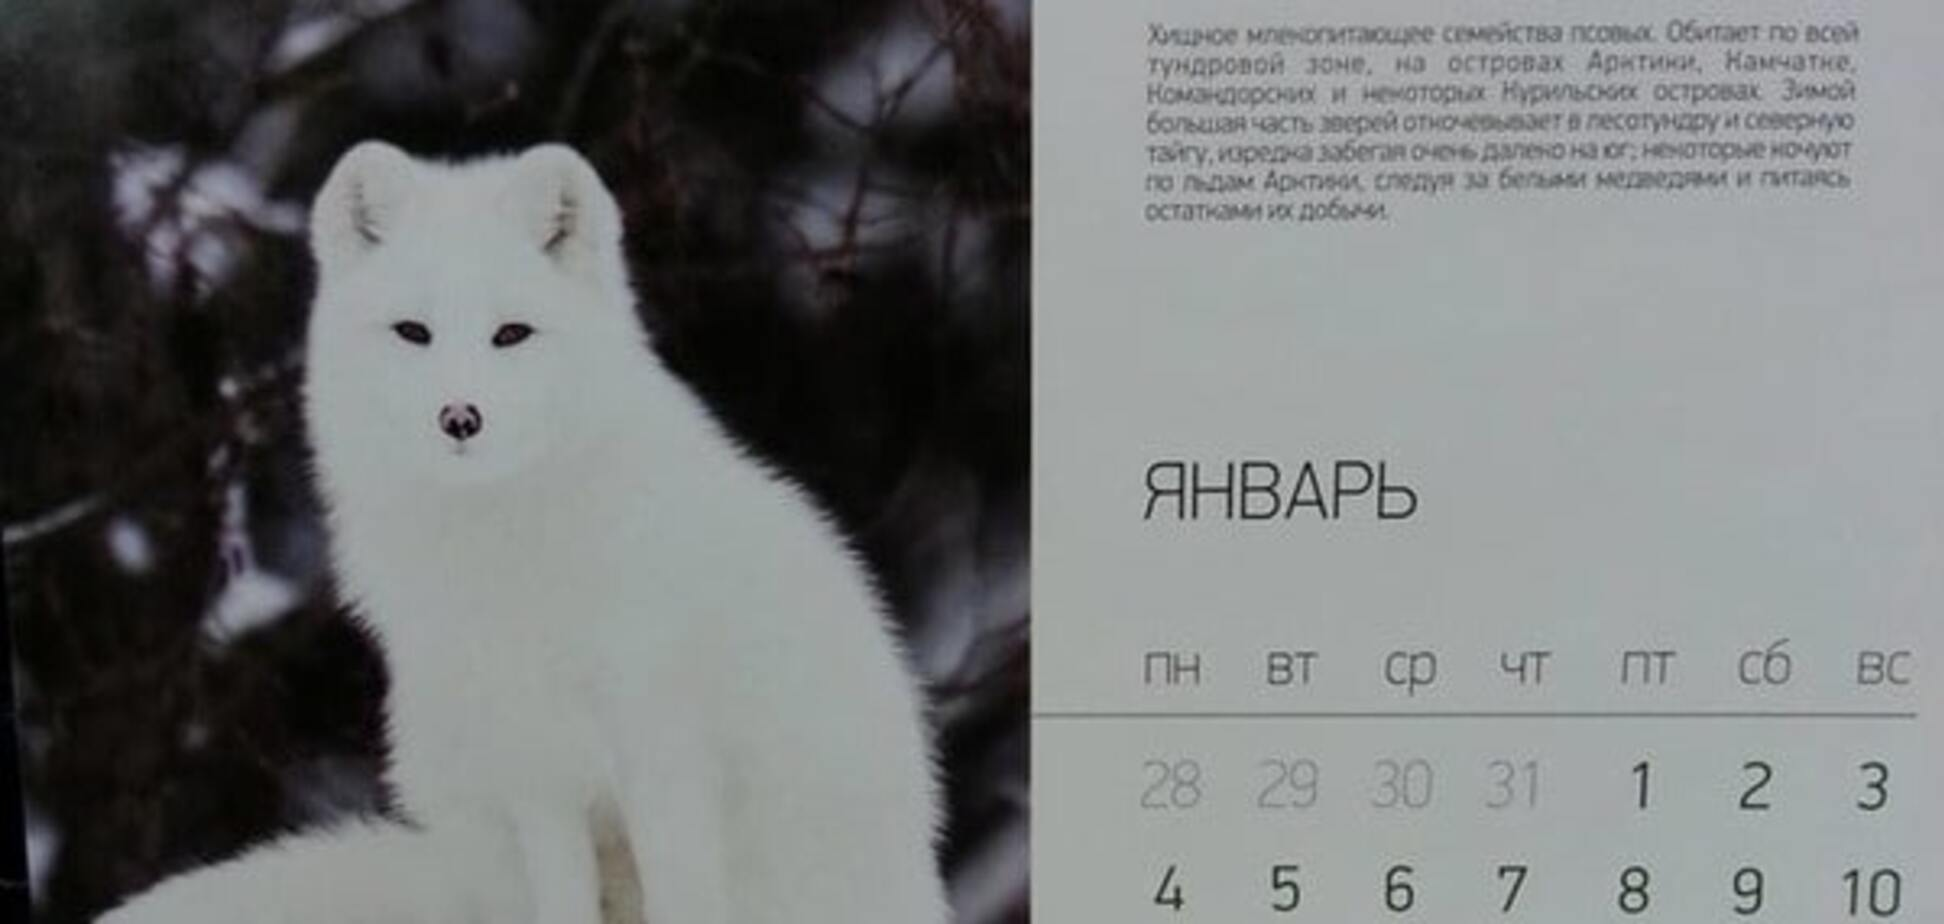 Всем песец: российским госслужащим раздали календари с намеком